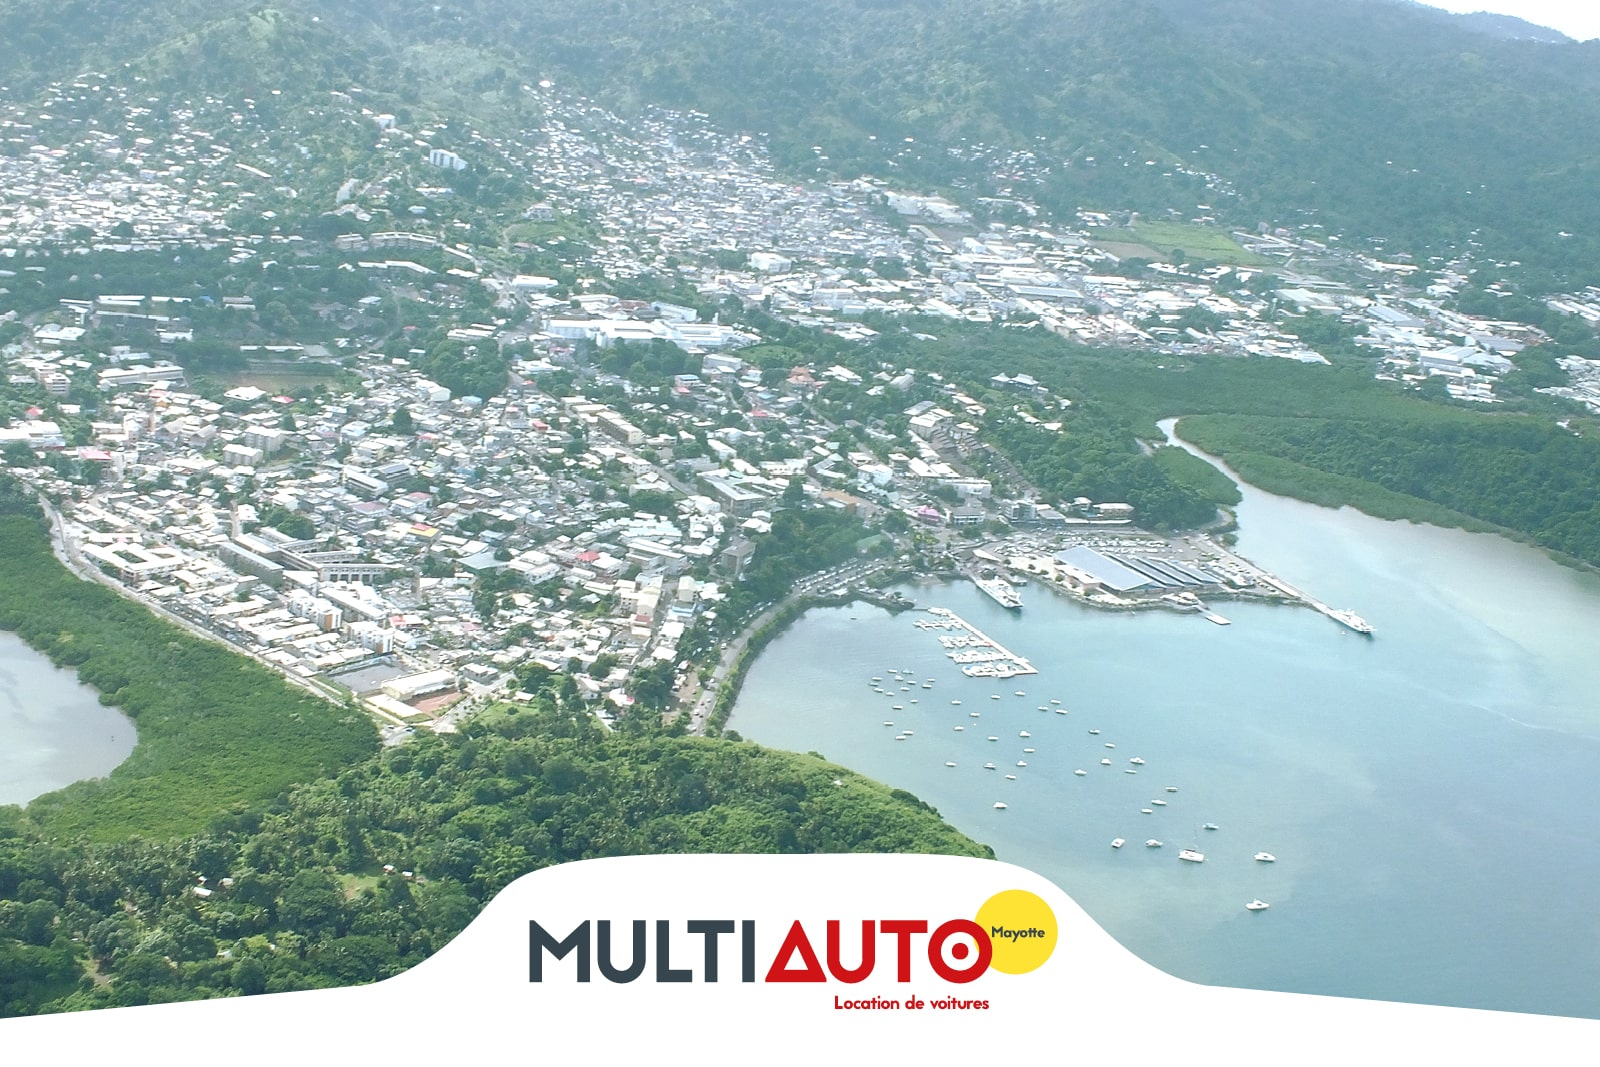 Location de véhicule à l'agence de Dzaoudzi à Mayotte